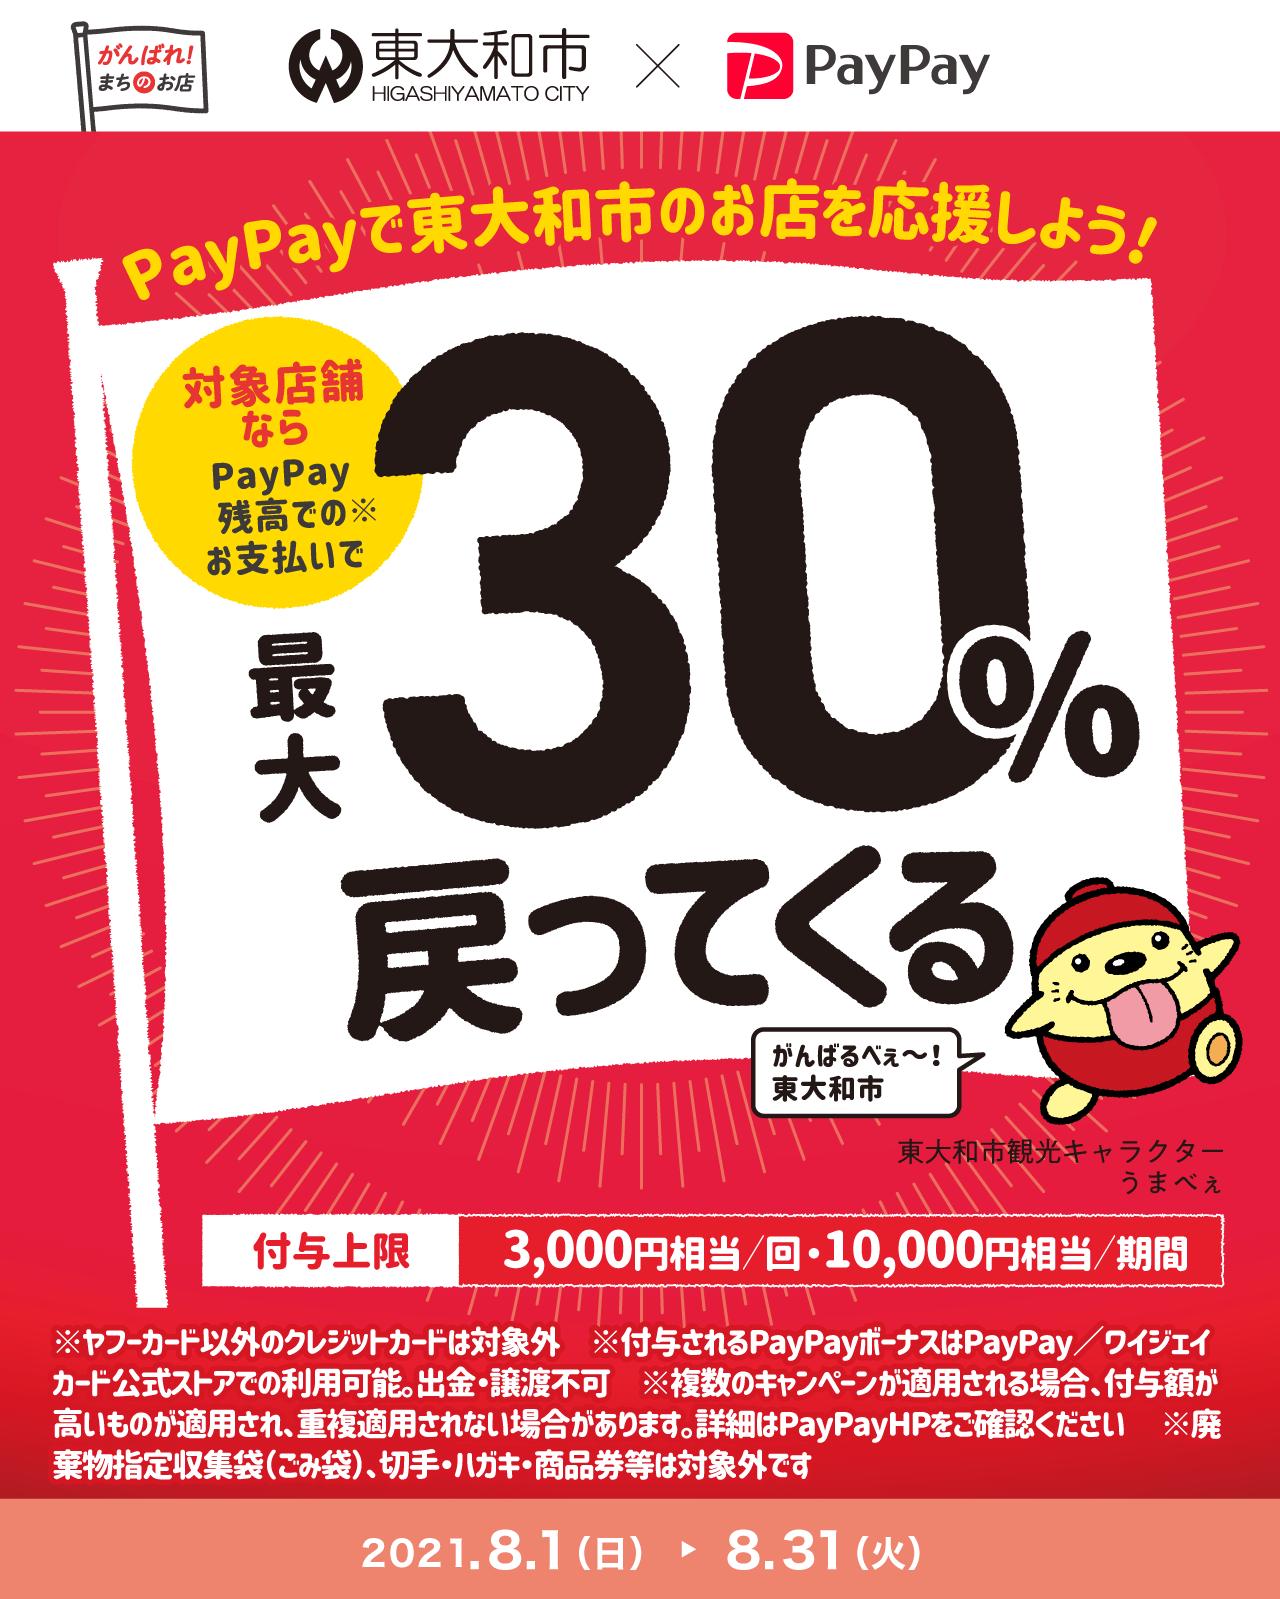 PayPayで東大和市を応援しよう! 対象店舗ならPayPay残高でのお支払いで最大30%戻ってくる